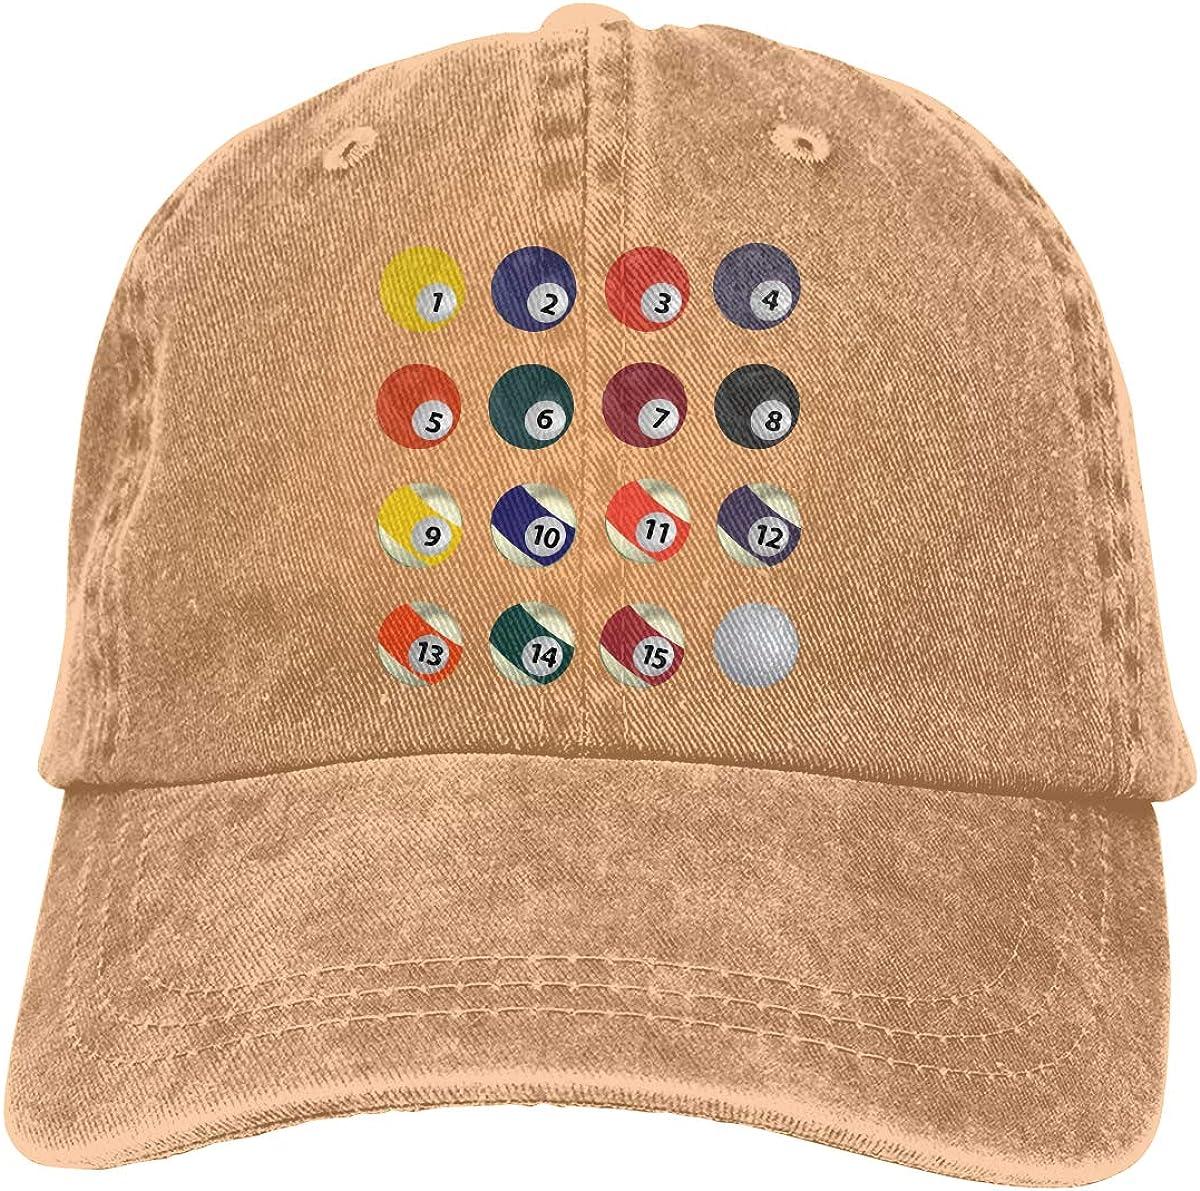 Q64 Billiards Adult Trendy Cowboy Casquette Adjustable Baseball Cap